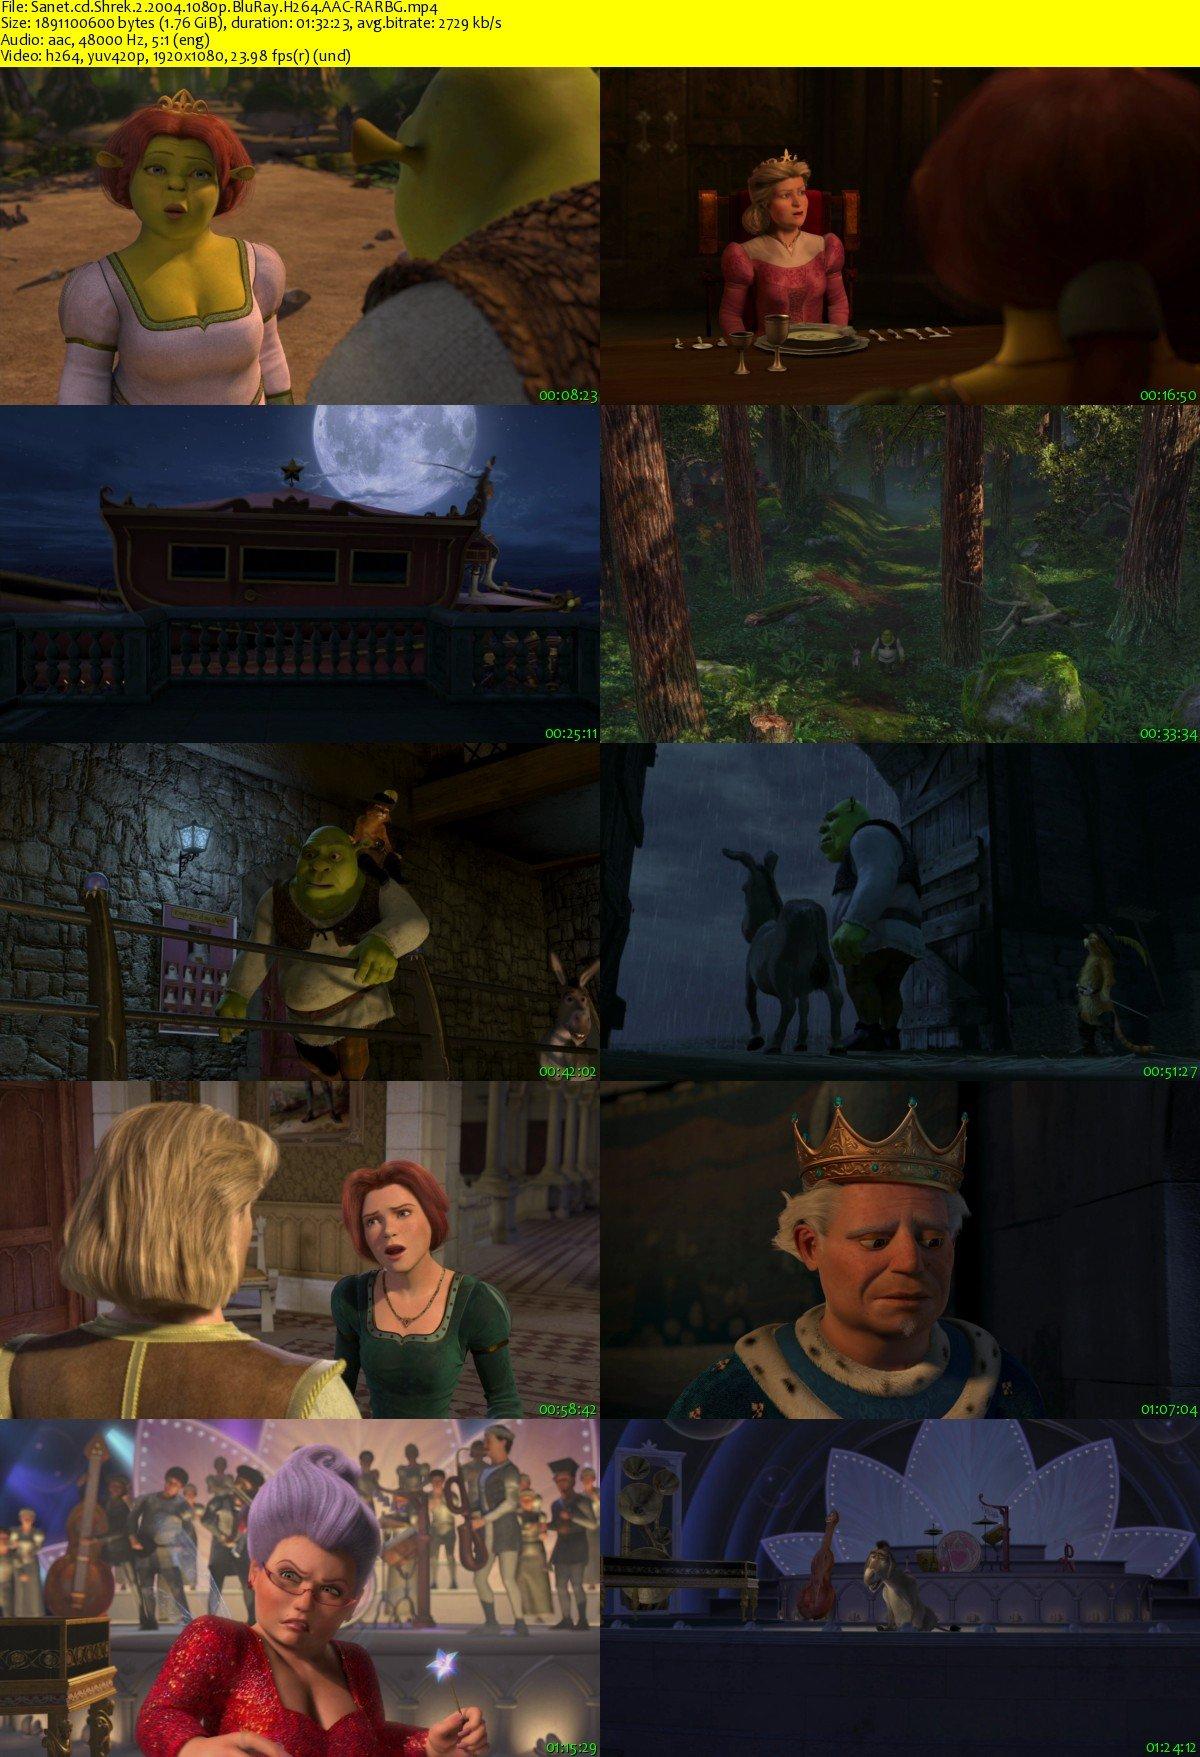 Shrek 2 H264